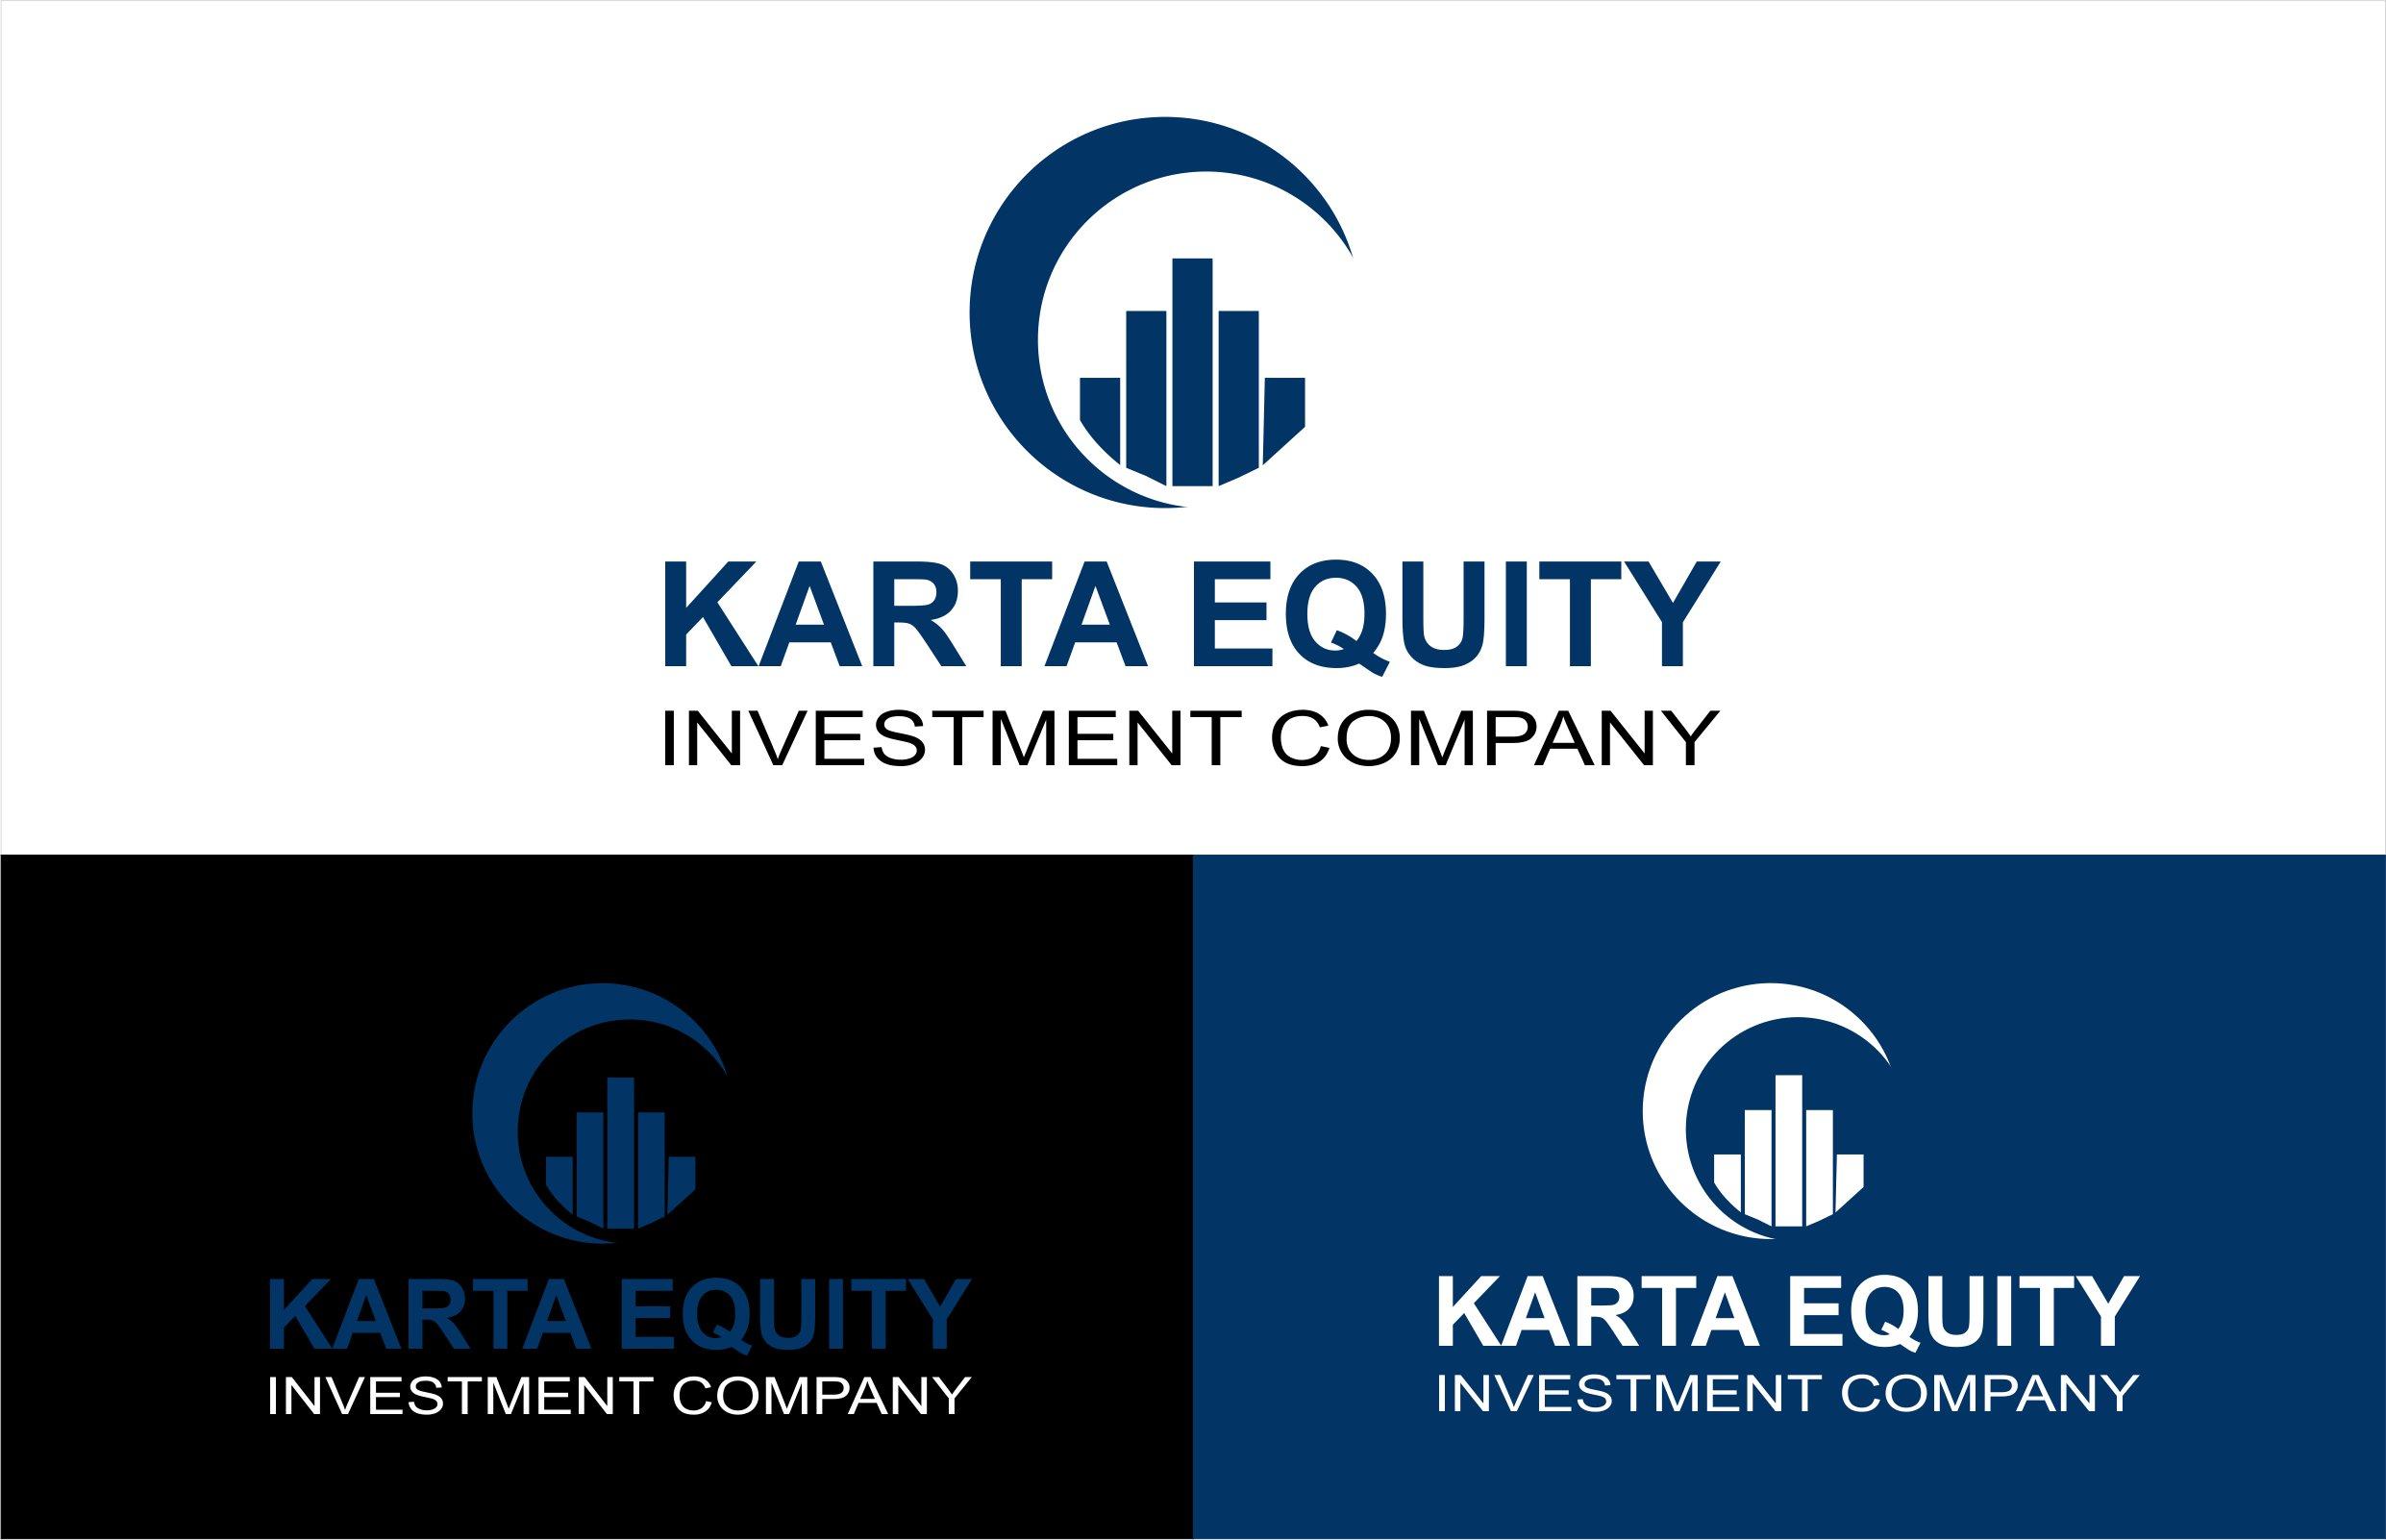 Логотип для компании инвестироваюшей в жилую недвижимость фото f_6255e1a3ce2a84e0.jpg